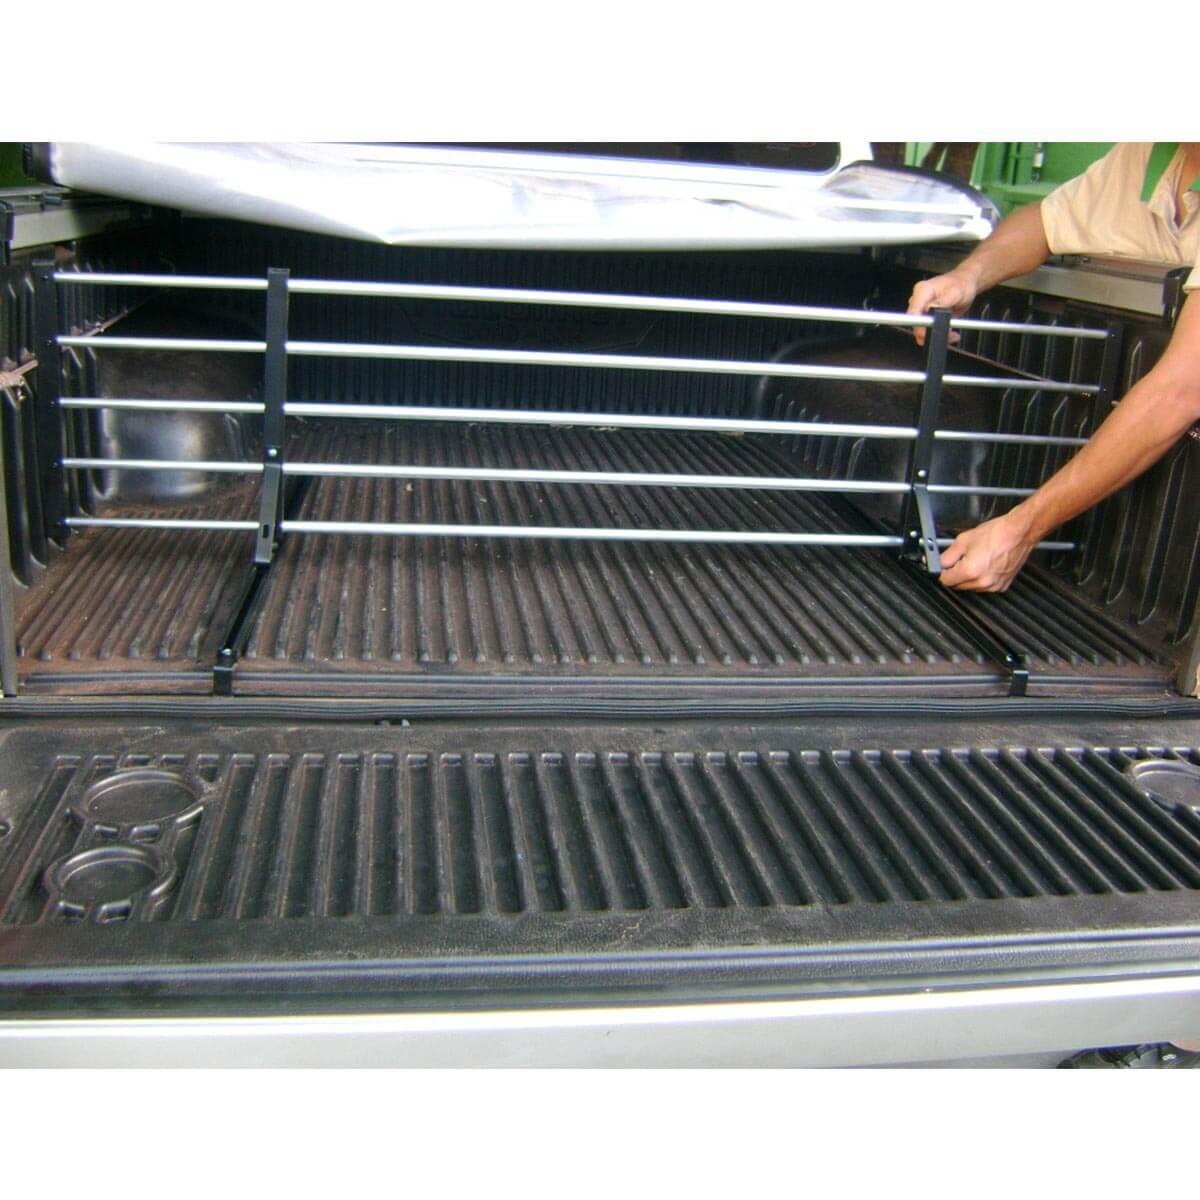 Divisor separador de cargas caçamba Strada 2014 a 2018